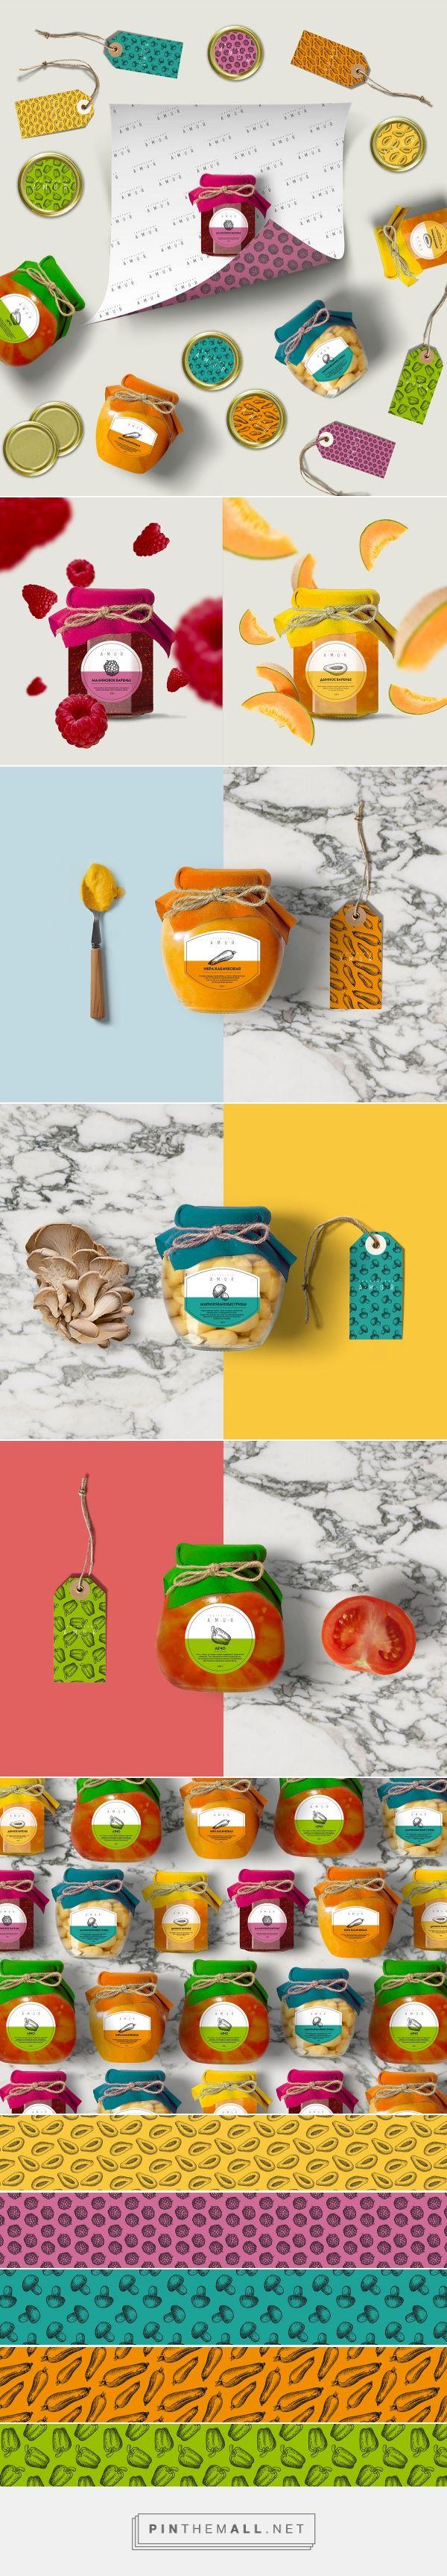 Canned Goods for restaurant by Tony Makarska